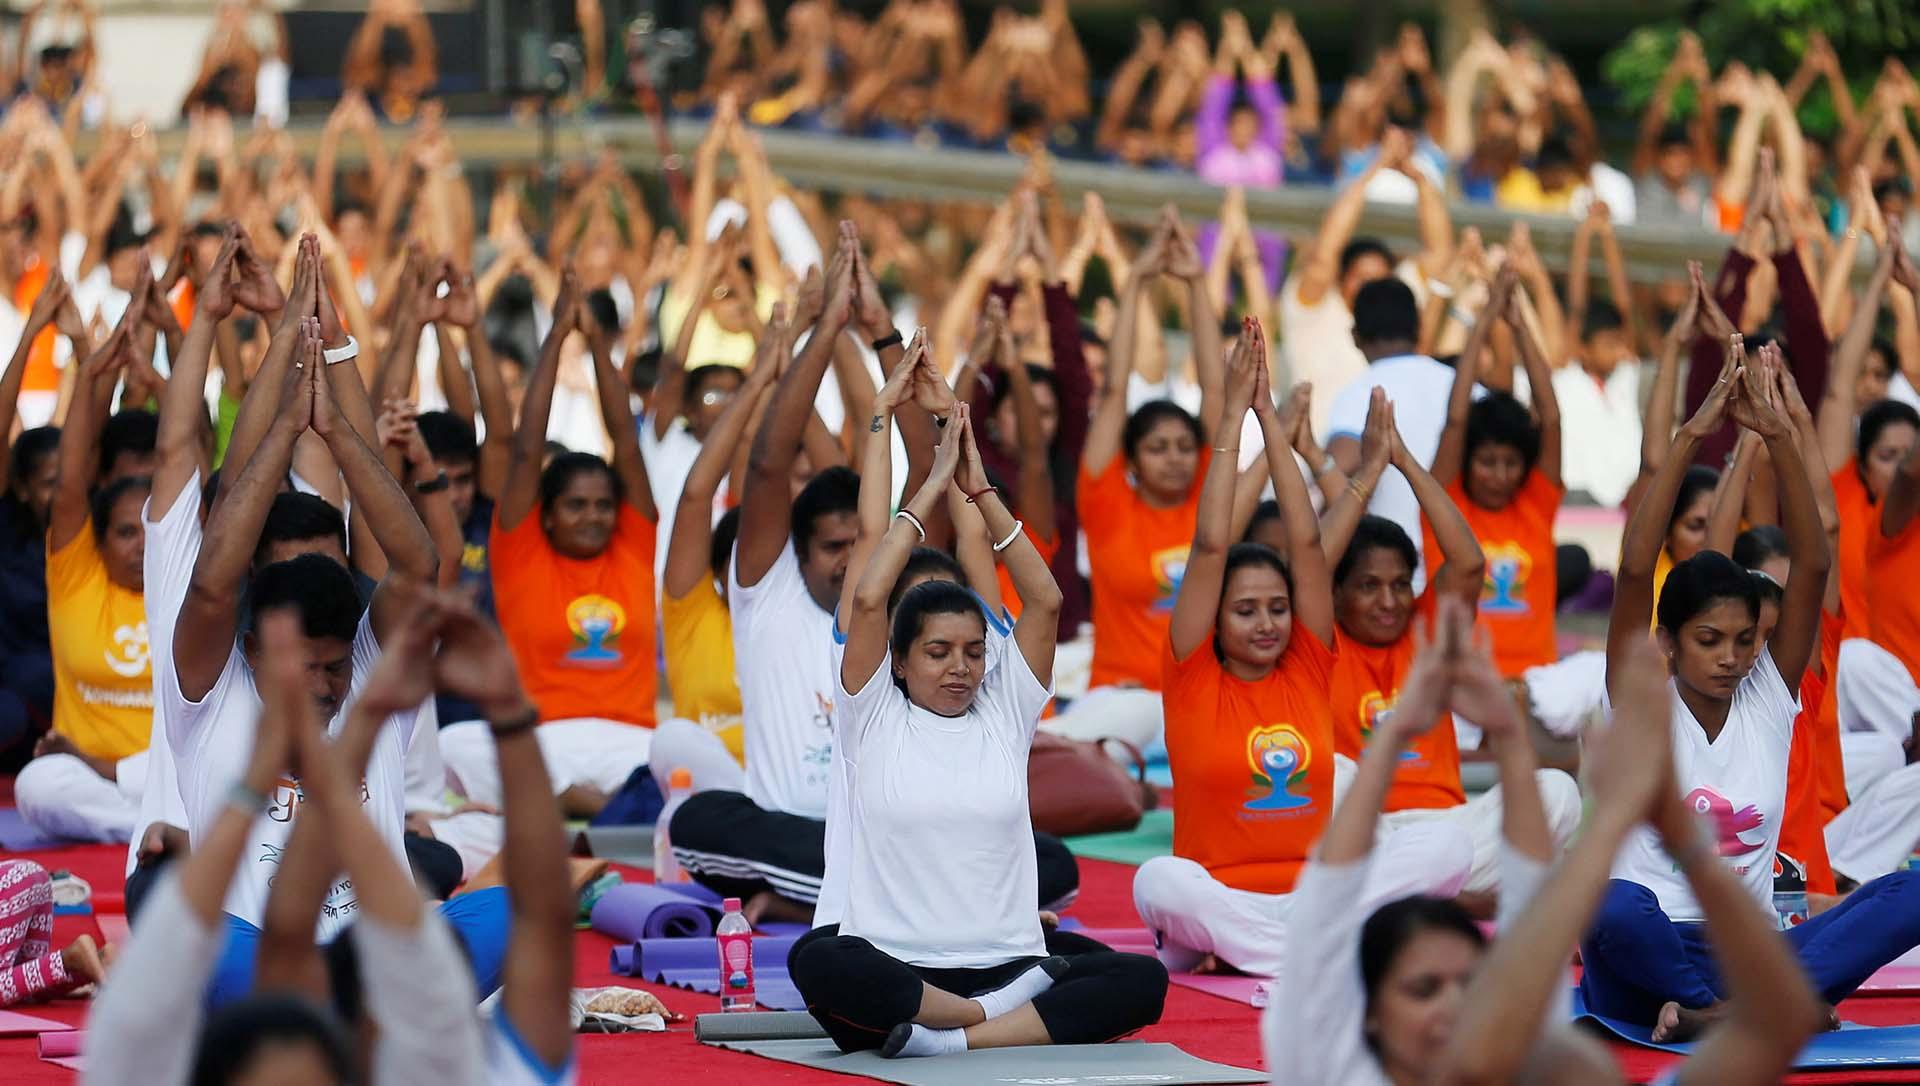 Evento para celebrar el Día Internacional del Yoga en Colombo, Sri Lanka